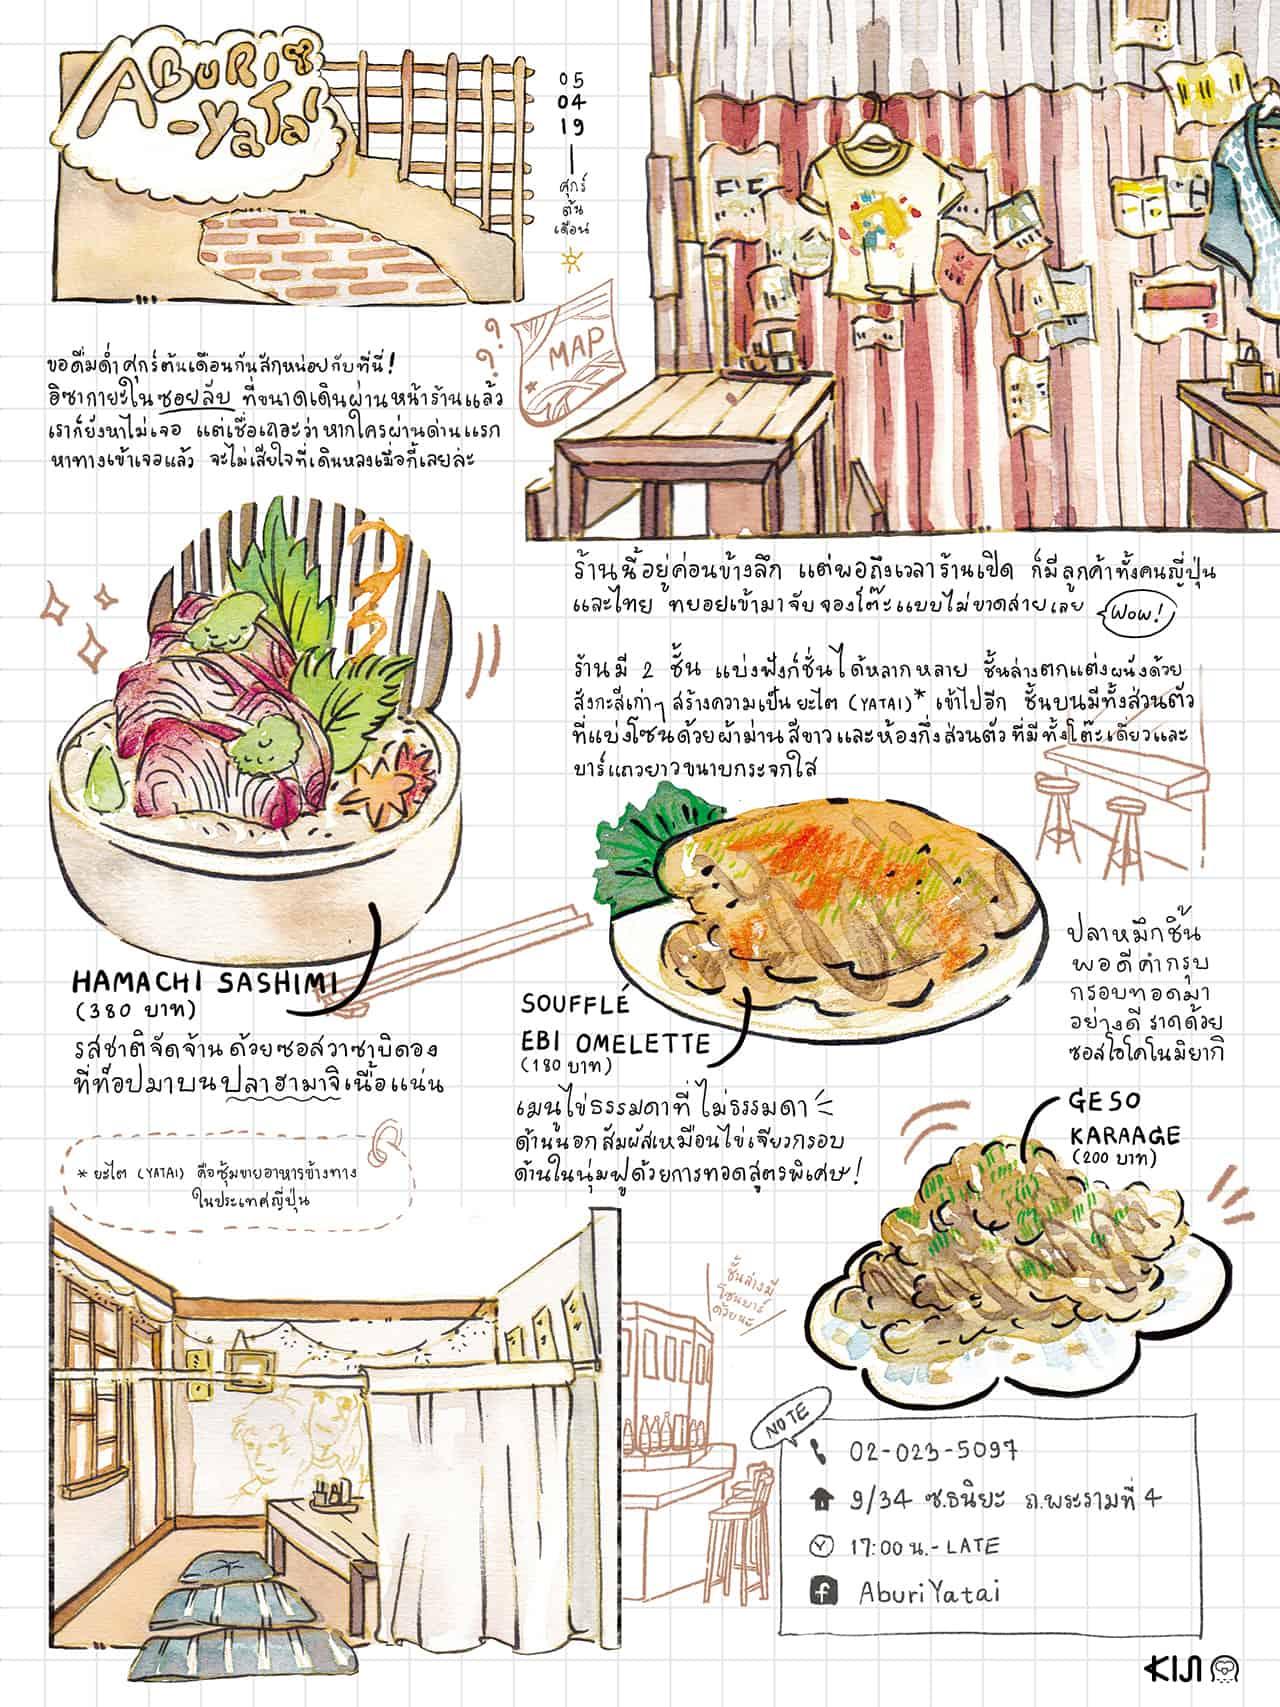 อาหารญี่ปุ่น Aburi Yatai (อะบุริ ยะไต)